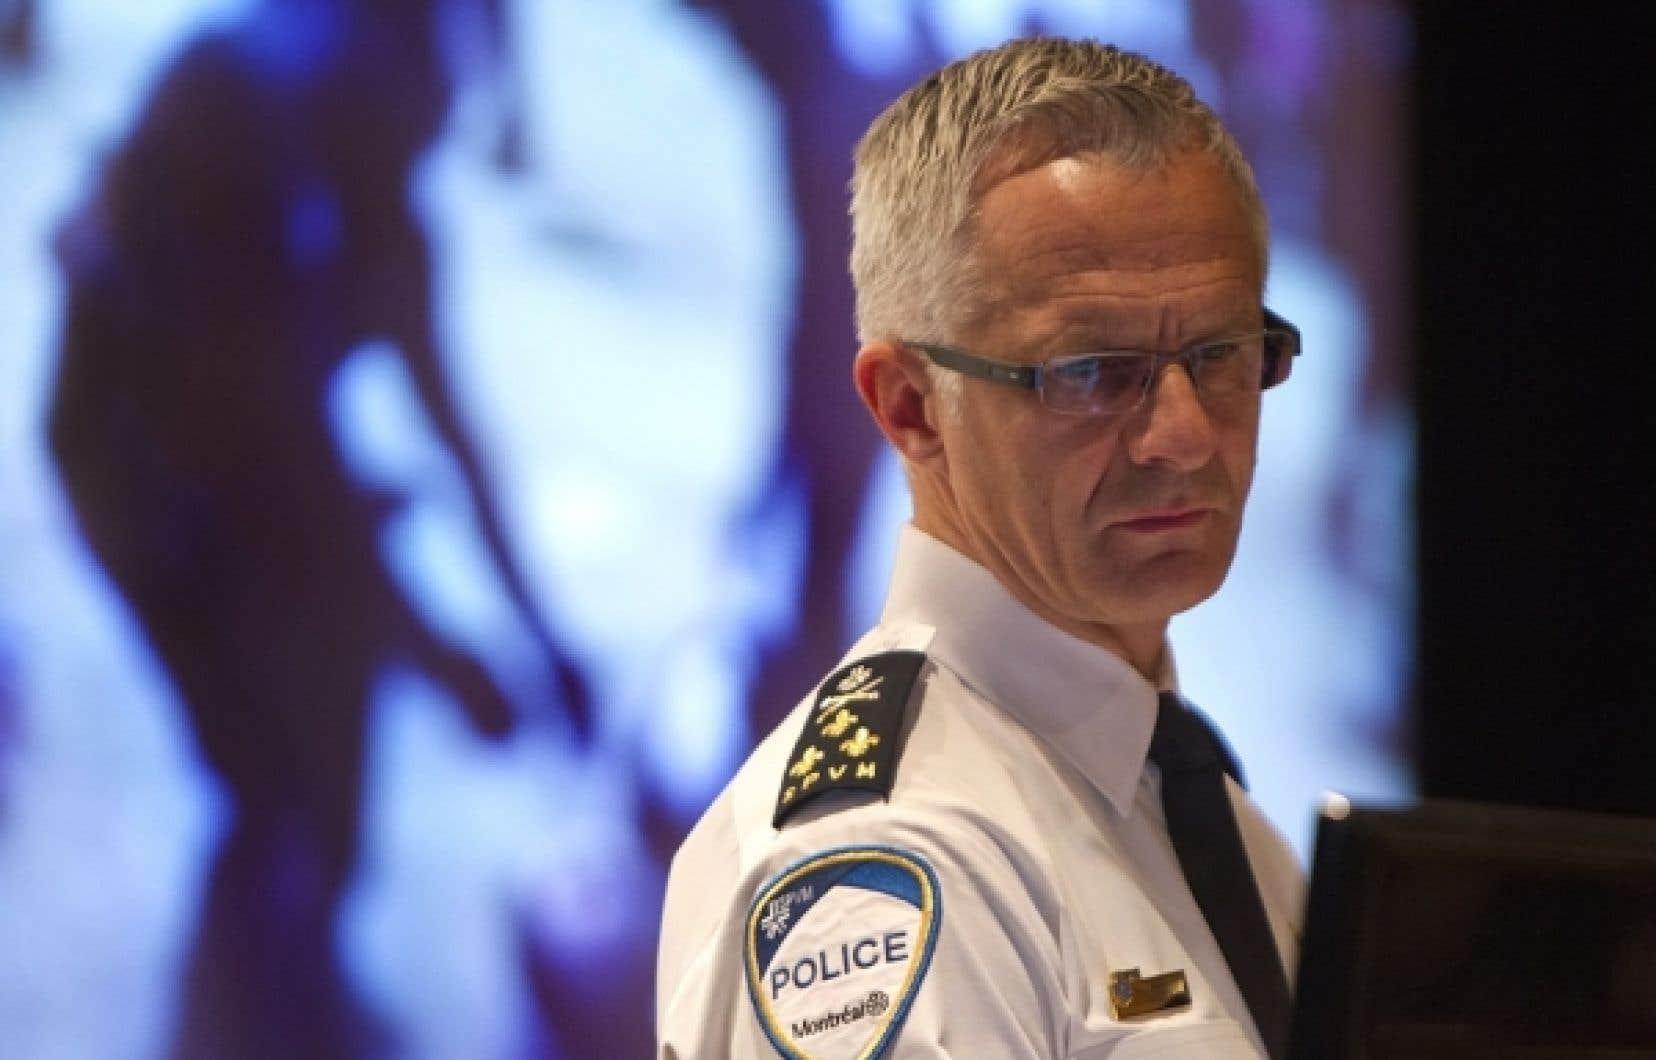 Le chef du SPVM, Marc Parent, a qualifié l'incident avec l'agente 728 de troublant et d'inacceptable, qui n'a rien à voir avec les valeurs préconisées par le SPVM.